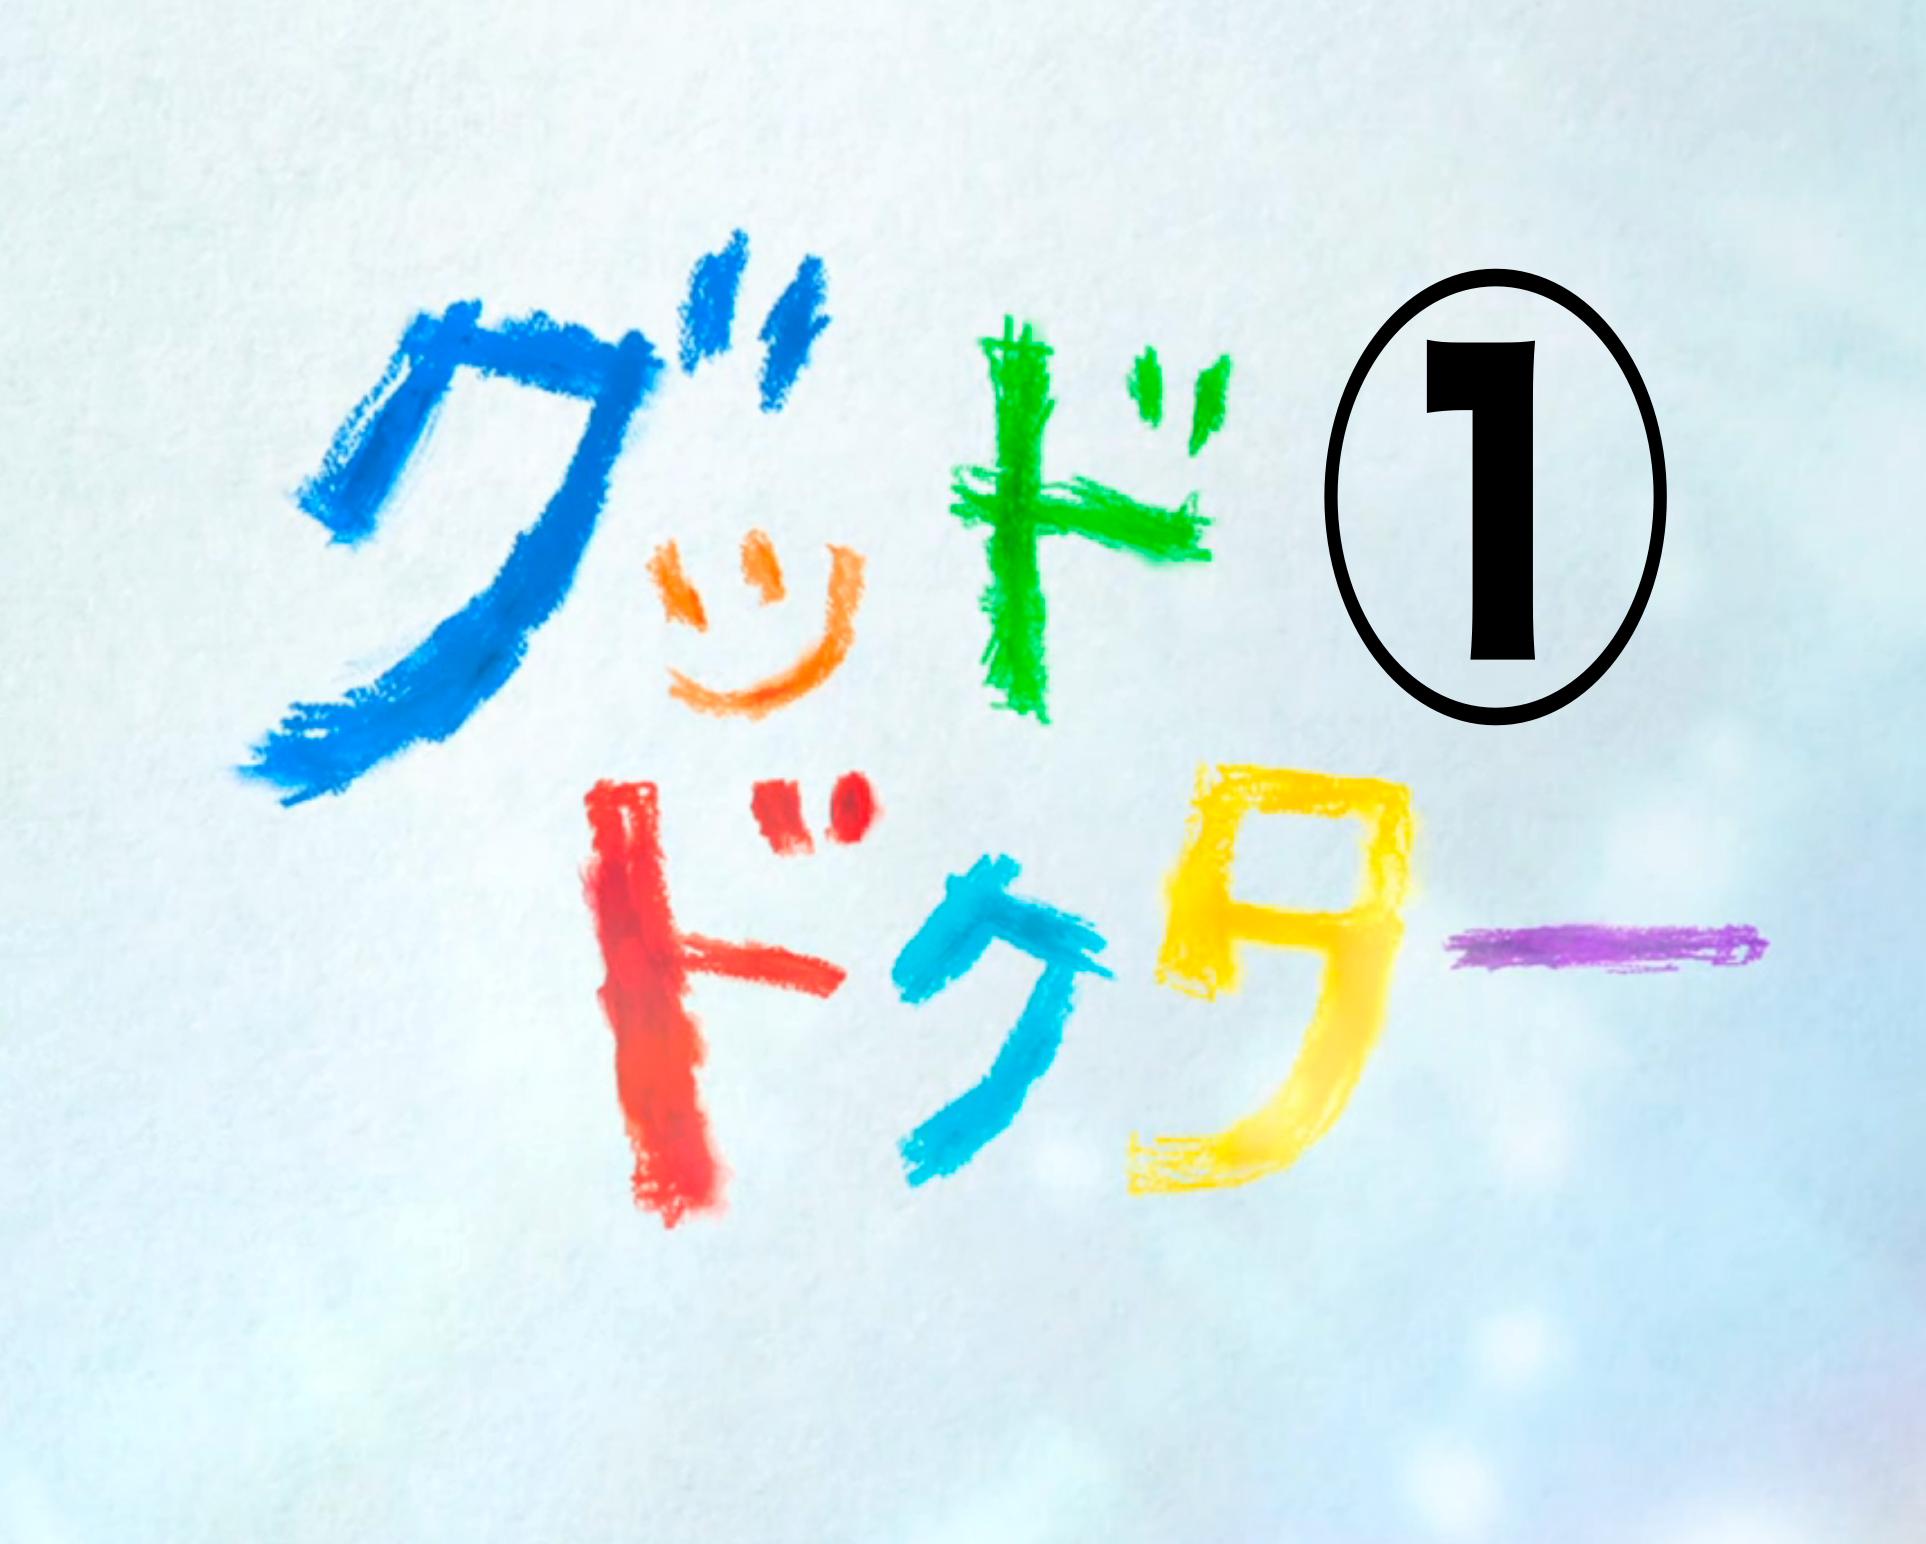 【ドラマ】グッド・ドクター【第1話】湊先生はコミュニケーションできないの?